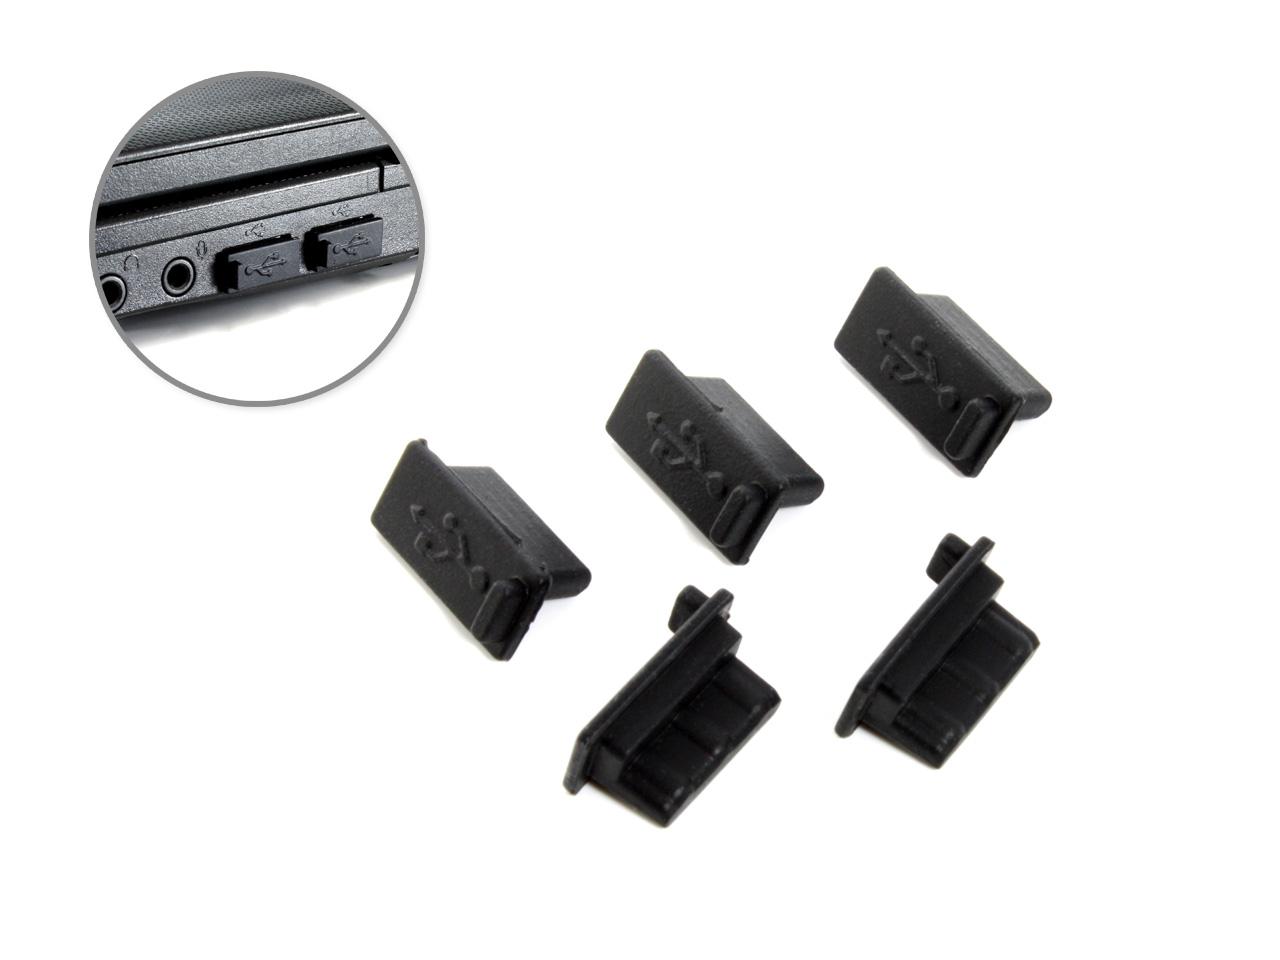 空きポートをホコリや酸化から保護 防塵USBポート保護キャップ ブラック 5個セット USB 端子 TypeAポート用 コネクタカバー 在庫一掃 WEB限定 シリコンゴム製